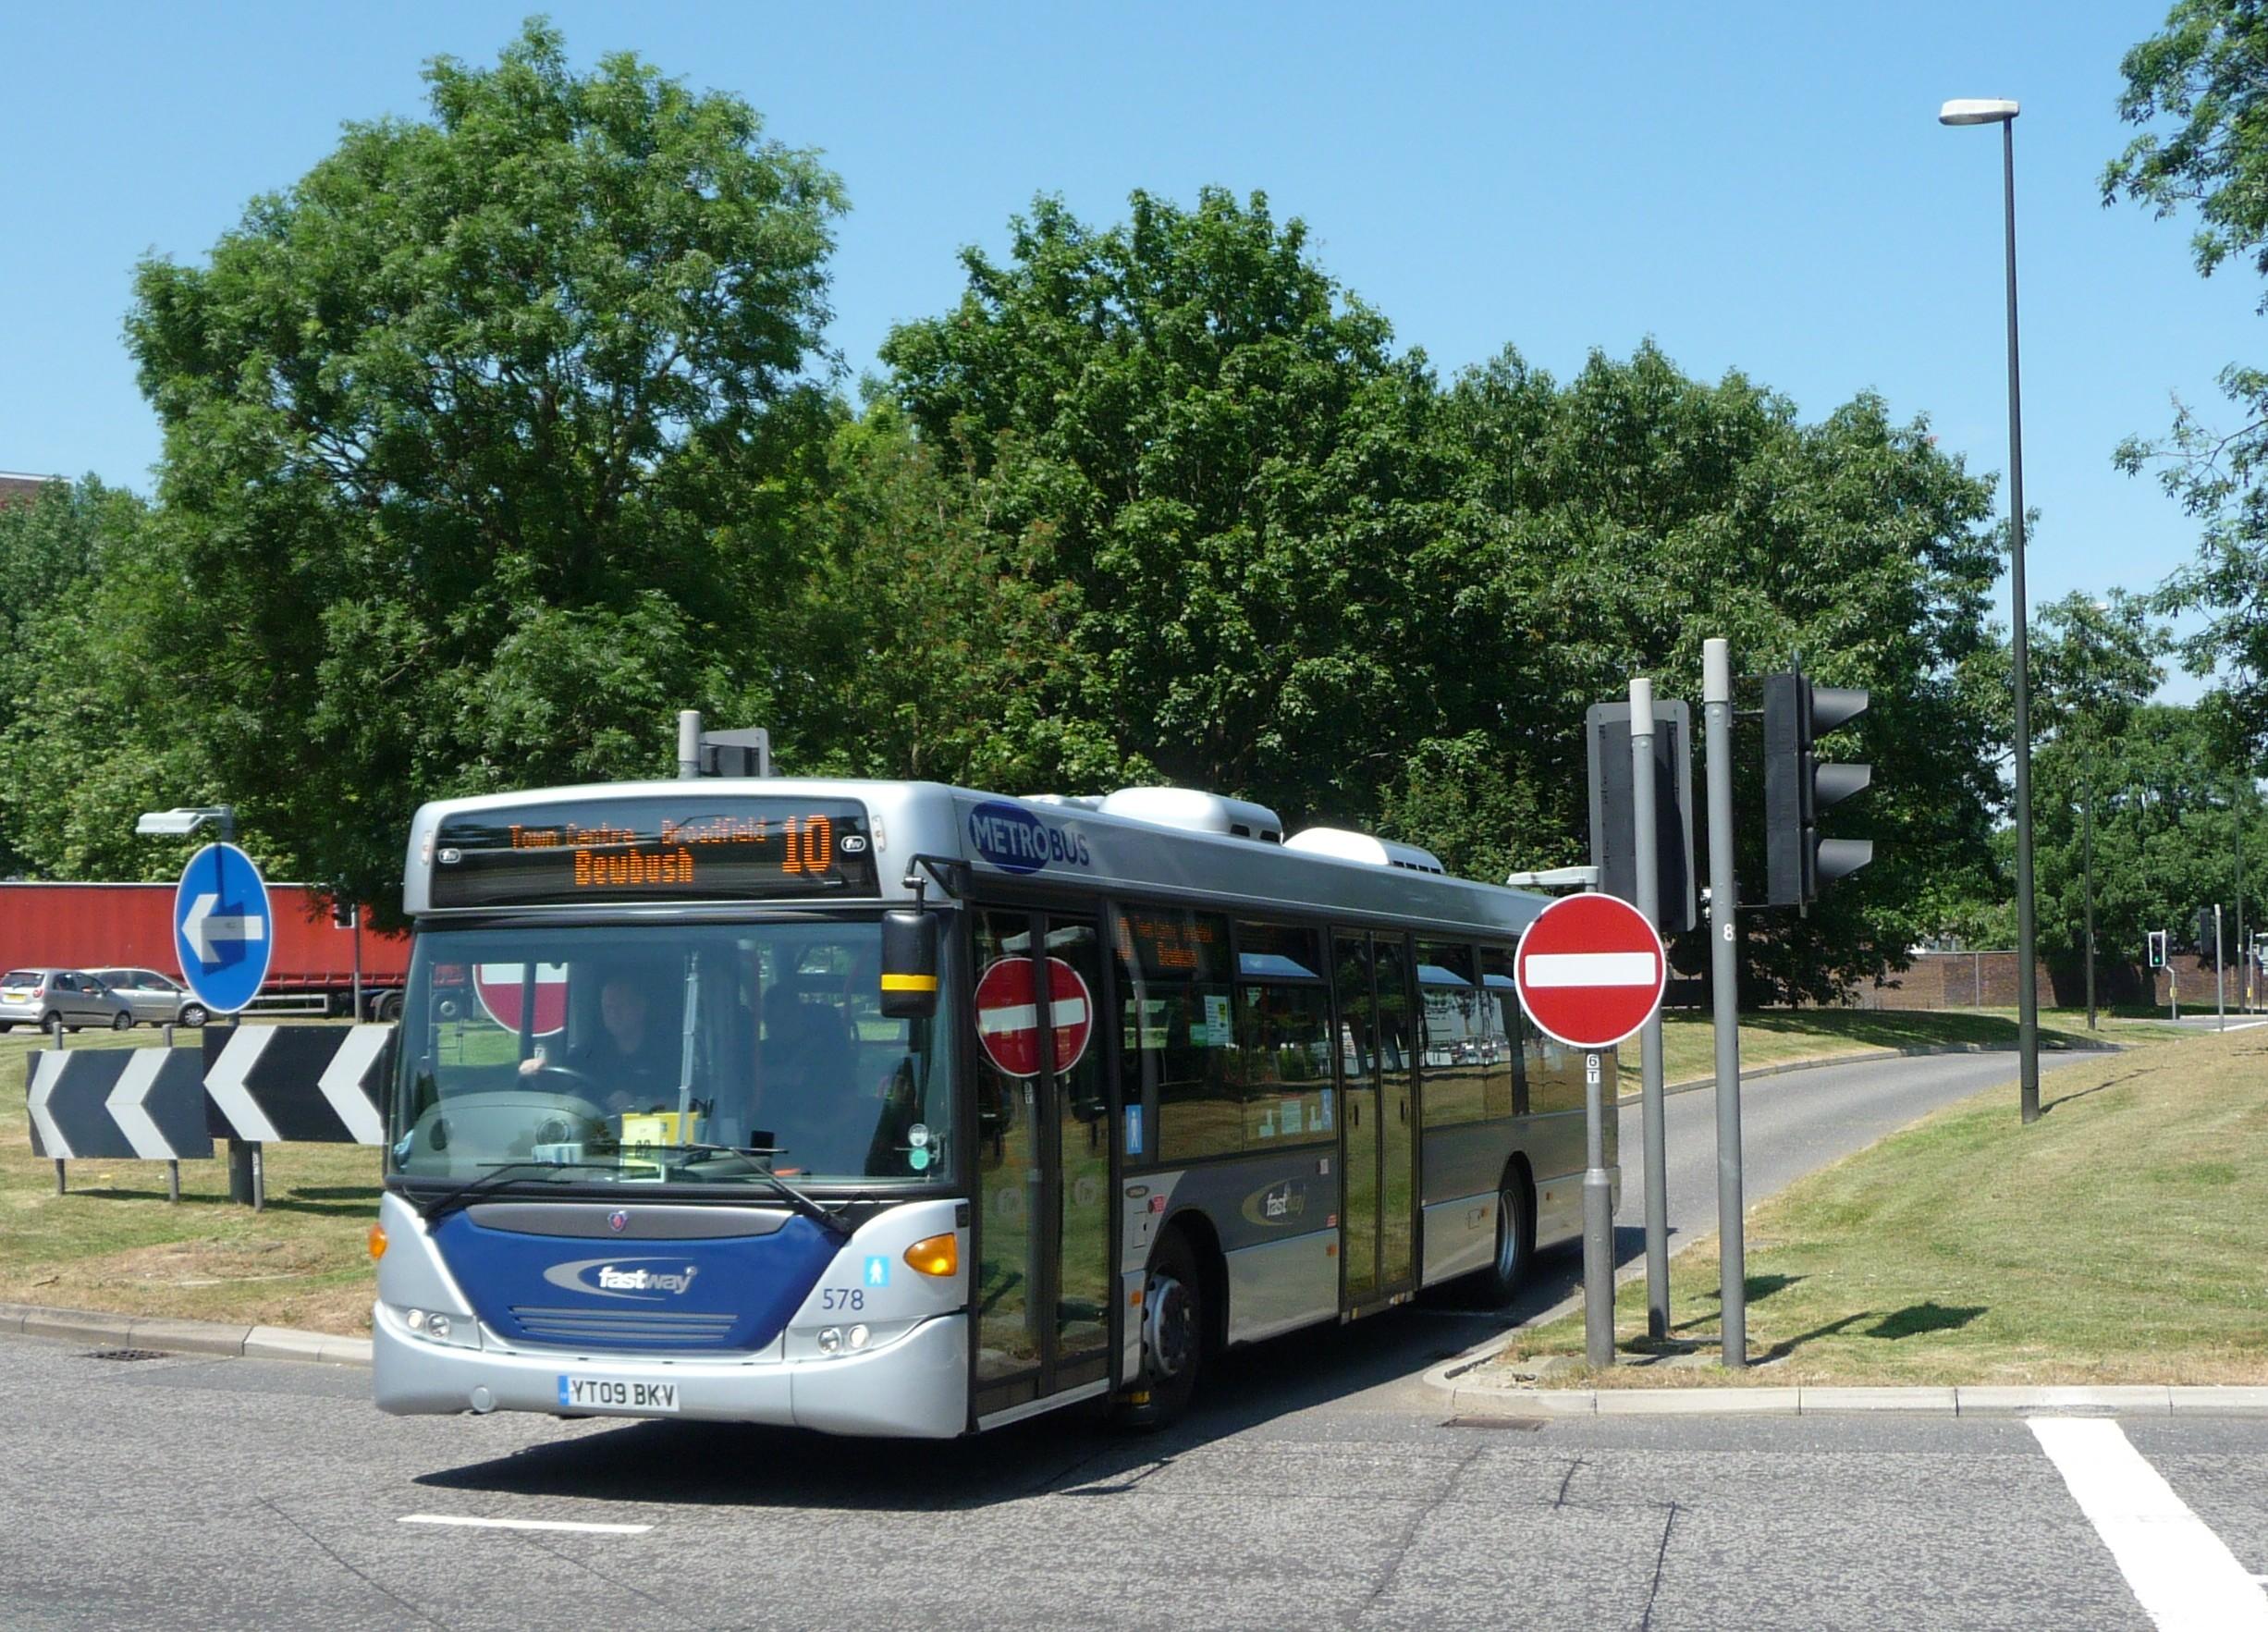 File:Metrobus 578 YT09 BKV 2 JPG - Wikimedia Commons